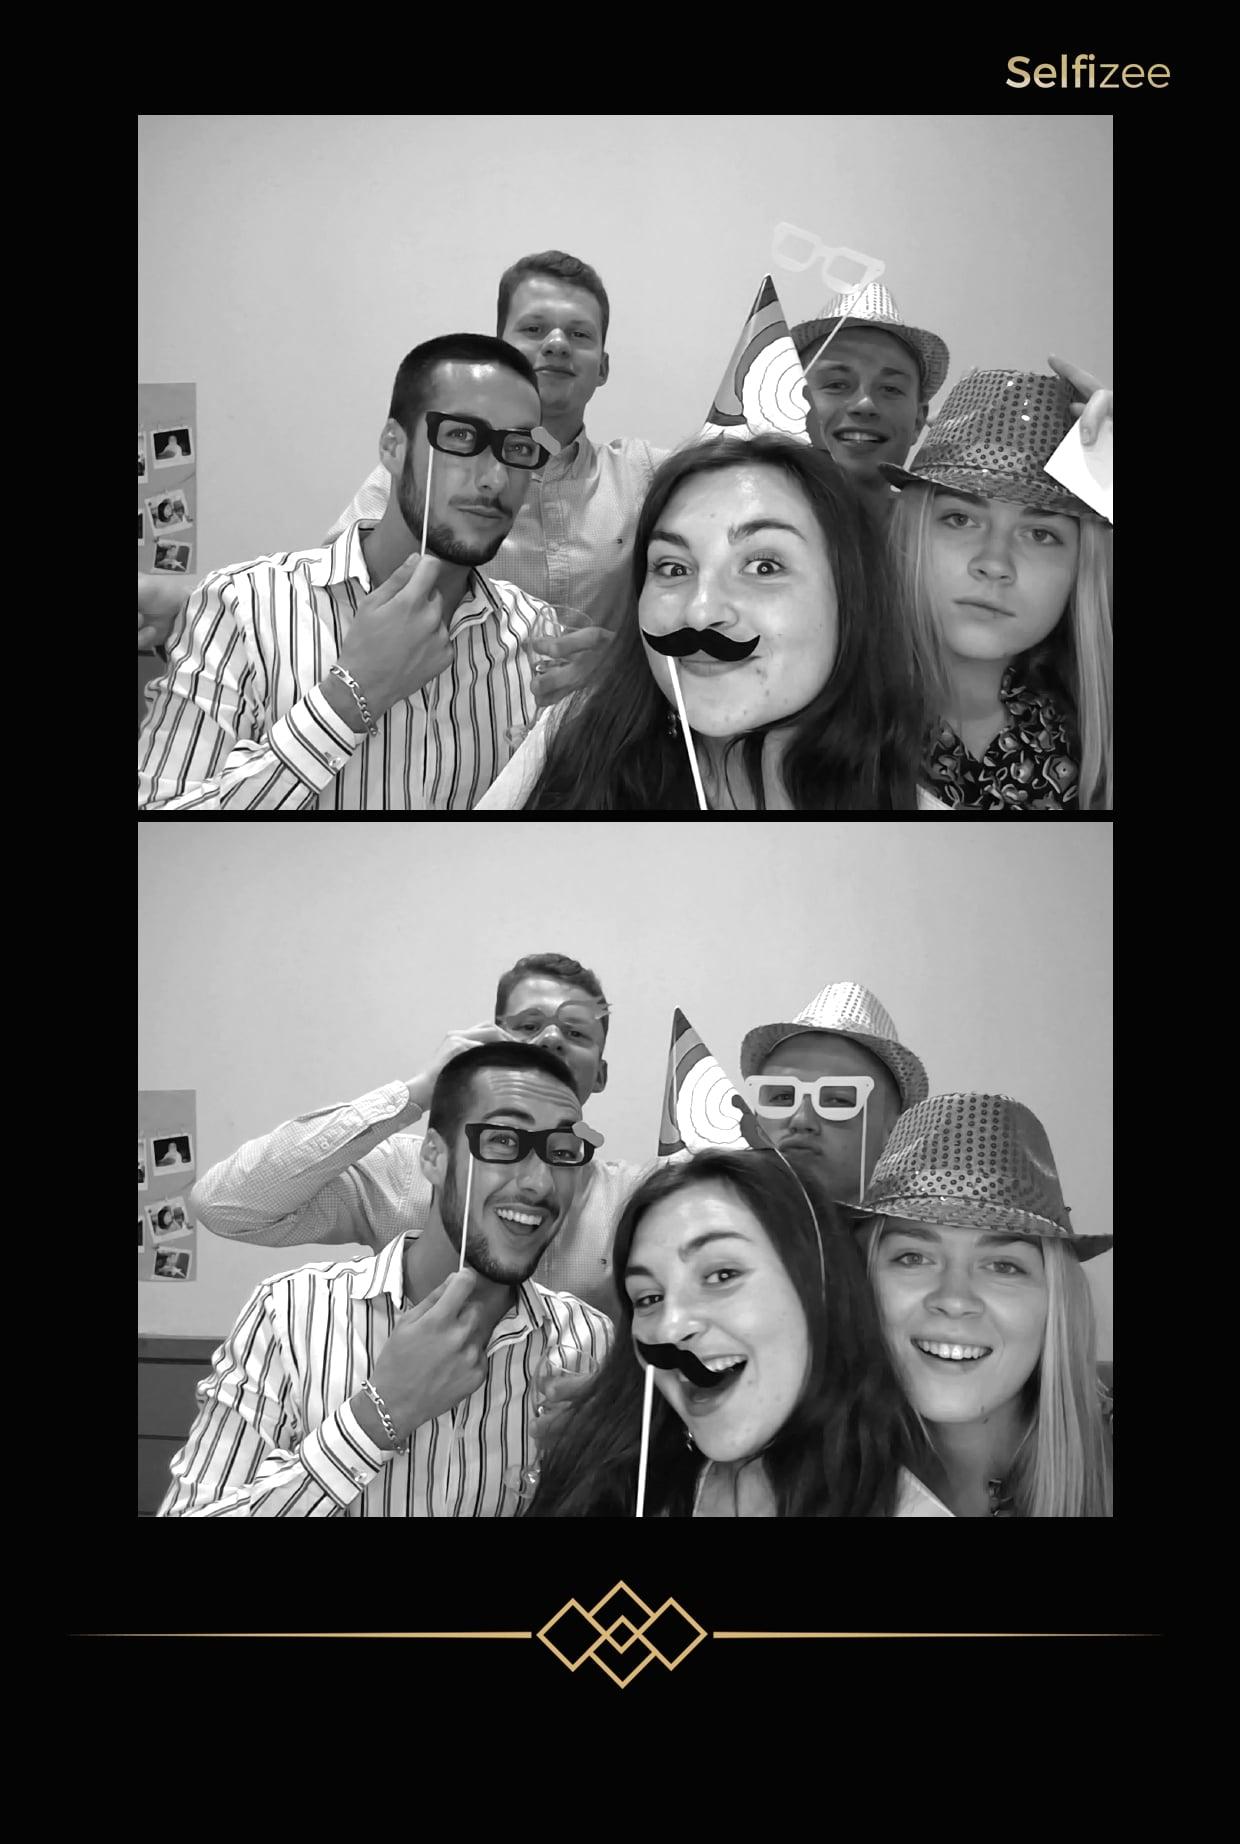 Selfie box avec impressions photos pour animer soirée anniversaire à Pontivy - borne selfie photobooth à louer pour animation mariage, anniversaire, fête, baptême à Pontivy dans le Morbihan